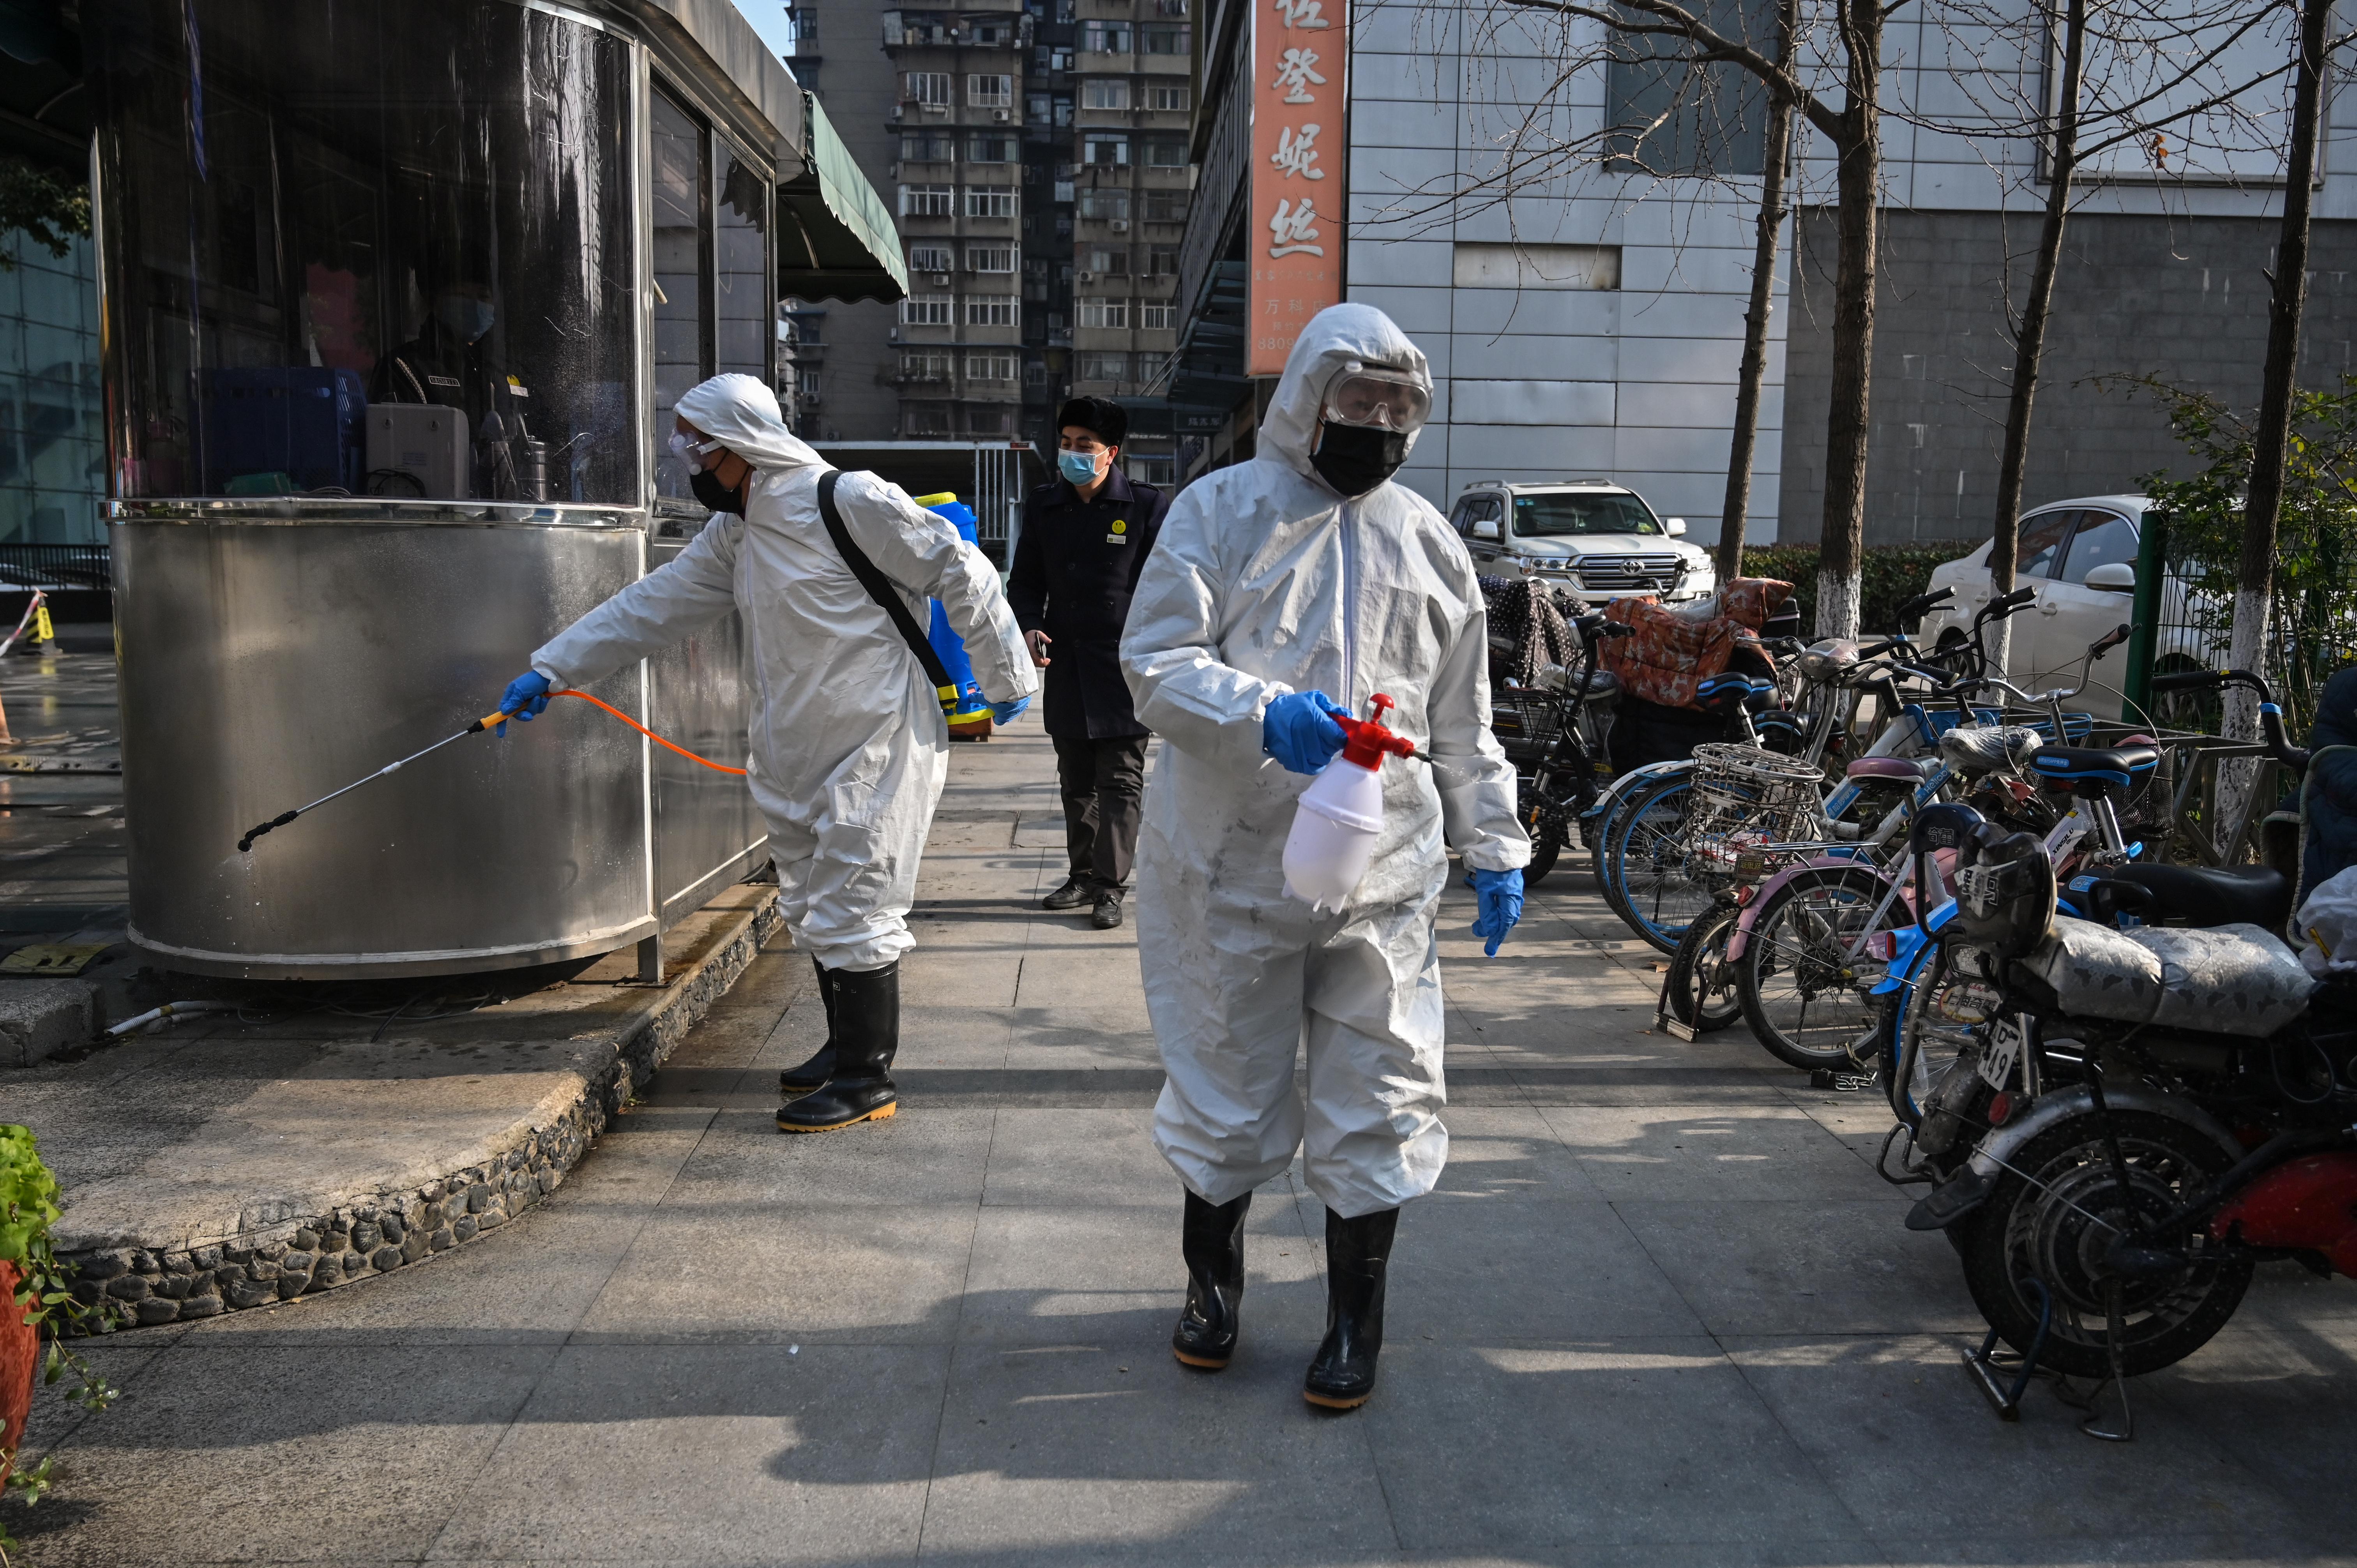 Ausztrália vizsgálná a koronavírus eredetét, Kína emiatt gazdasági bojkottal fenyeget